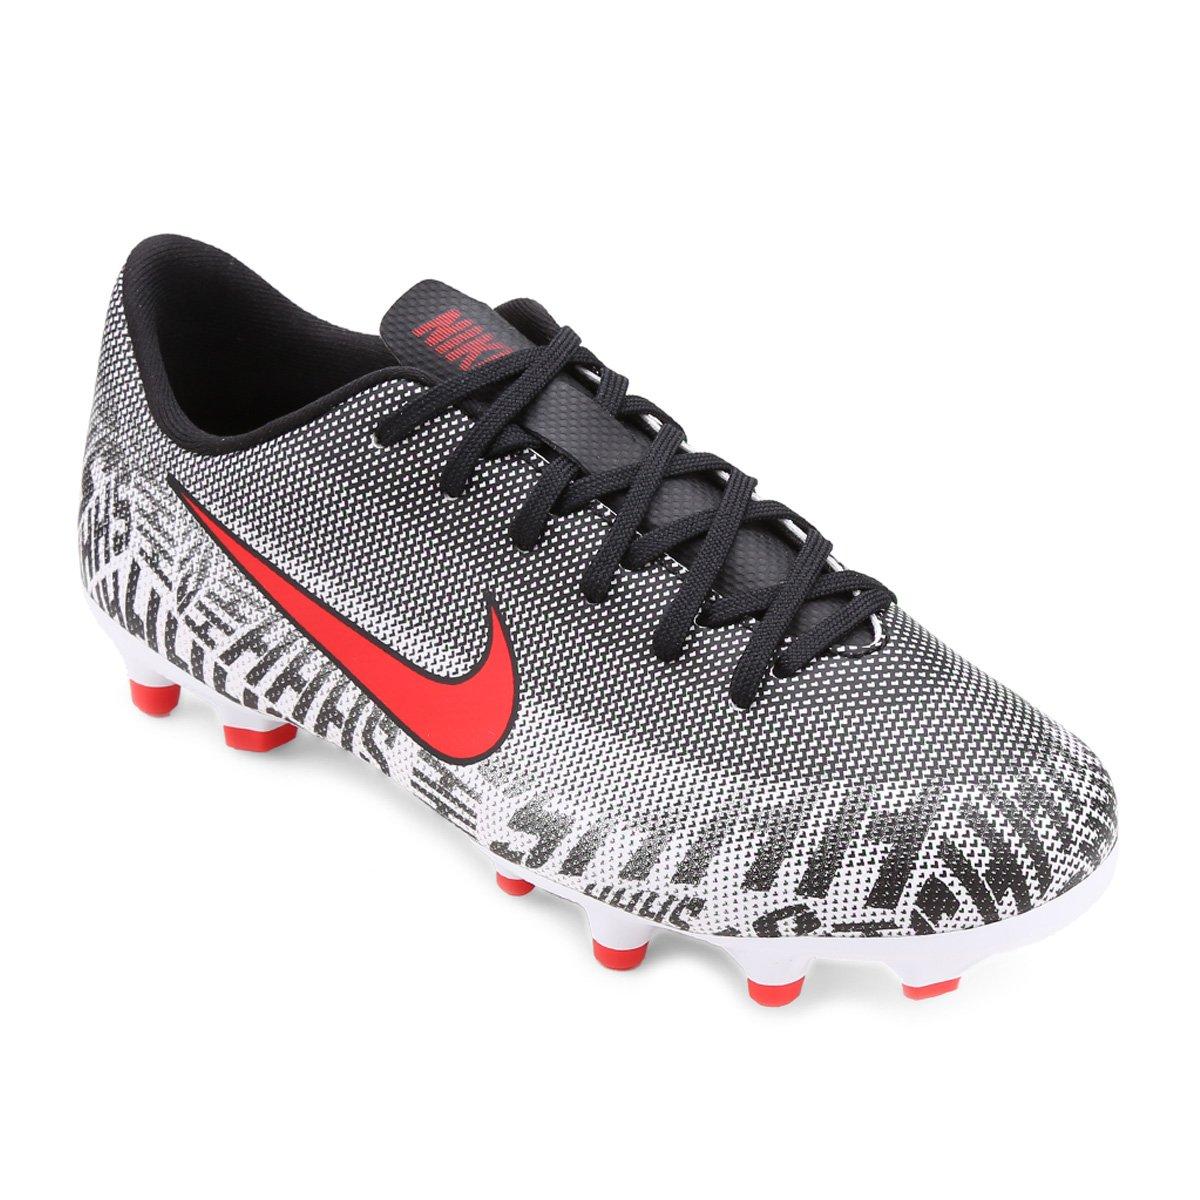 0f20af2c1b83c Chuteira Campo Infantil Nike Mercurial Vapor 12 Academy Gs Neymar Jr FG -  Branco e Vermelho - Compre Agora